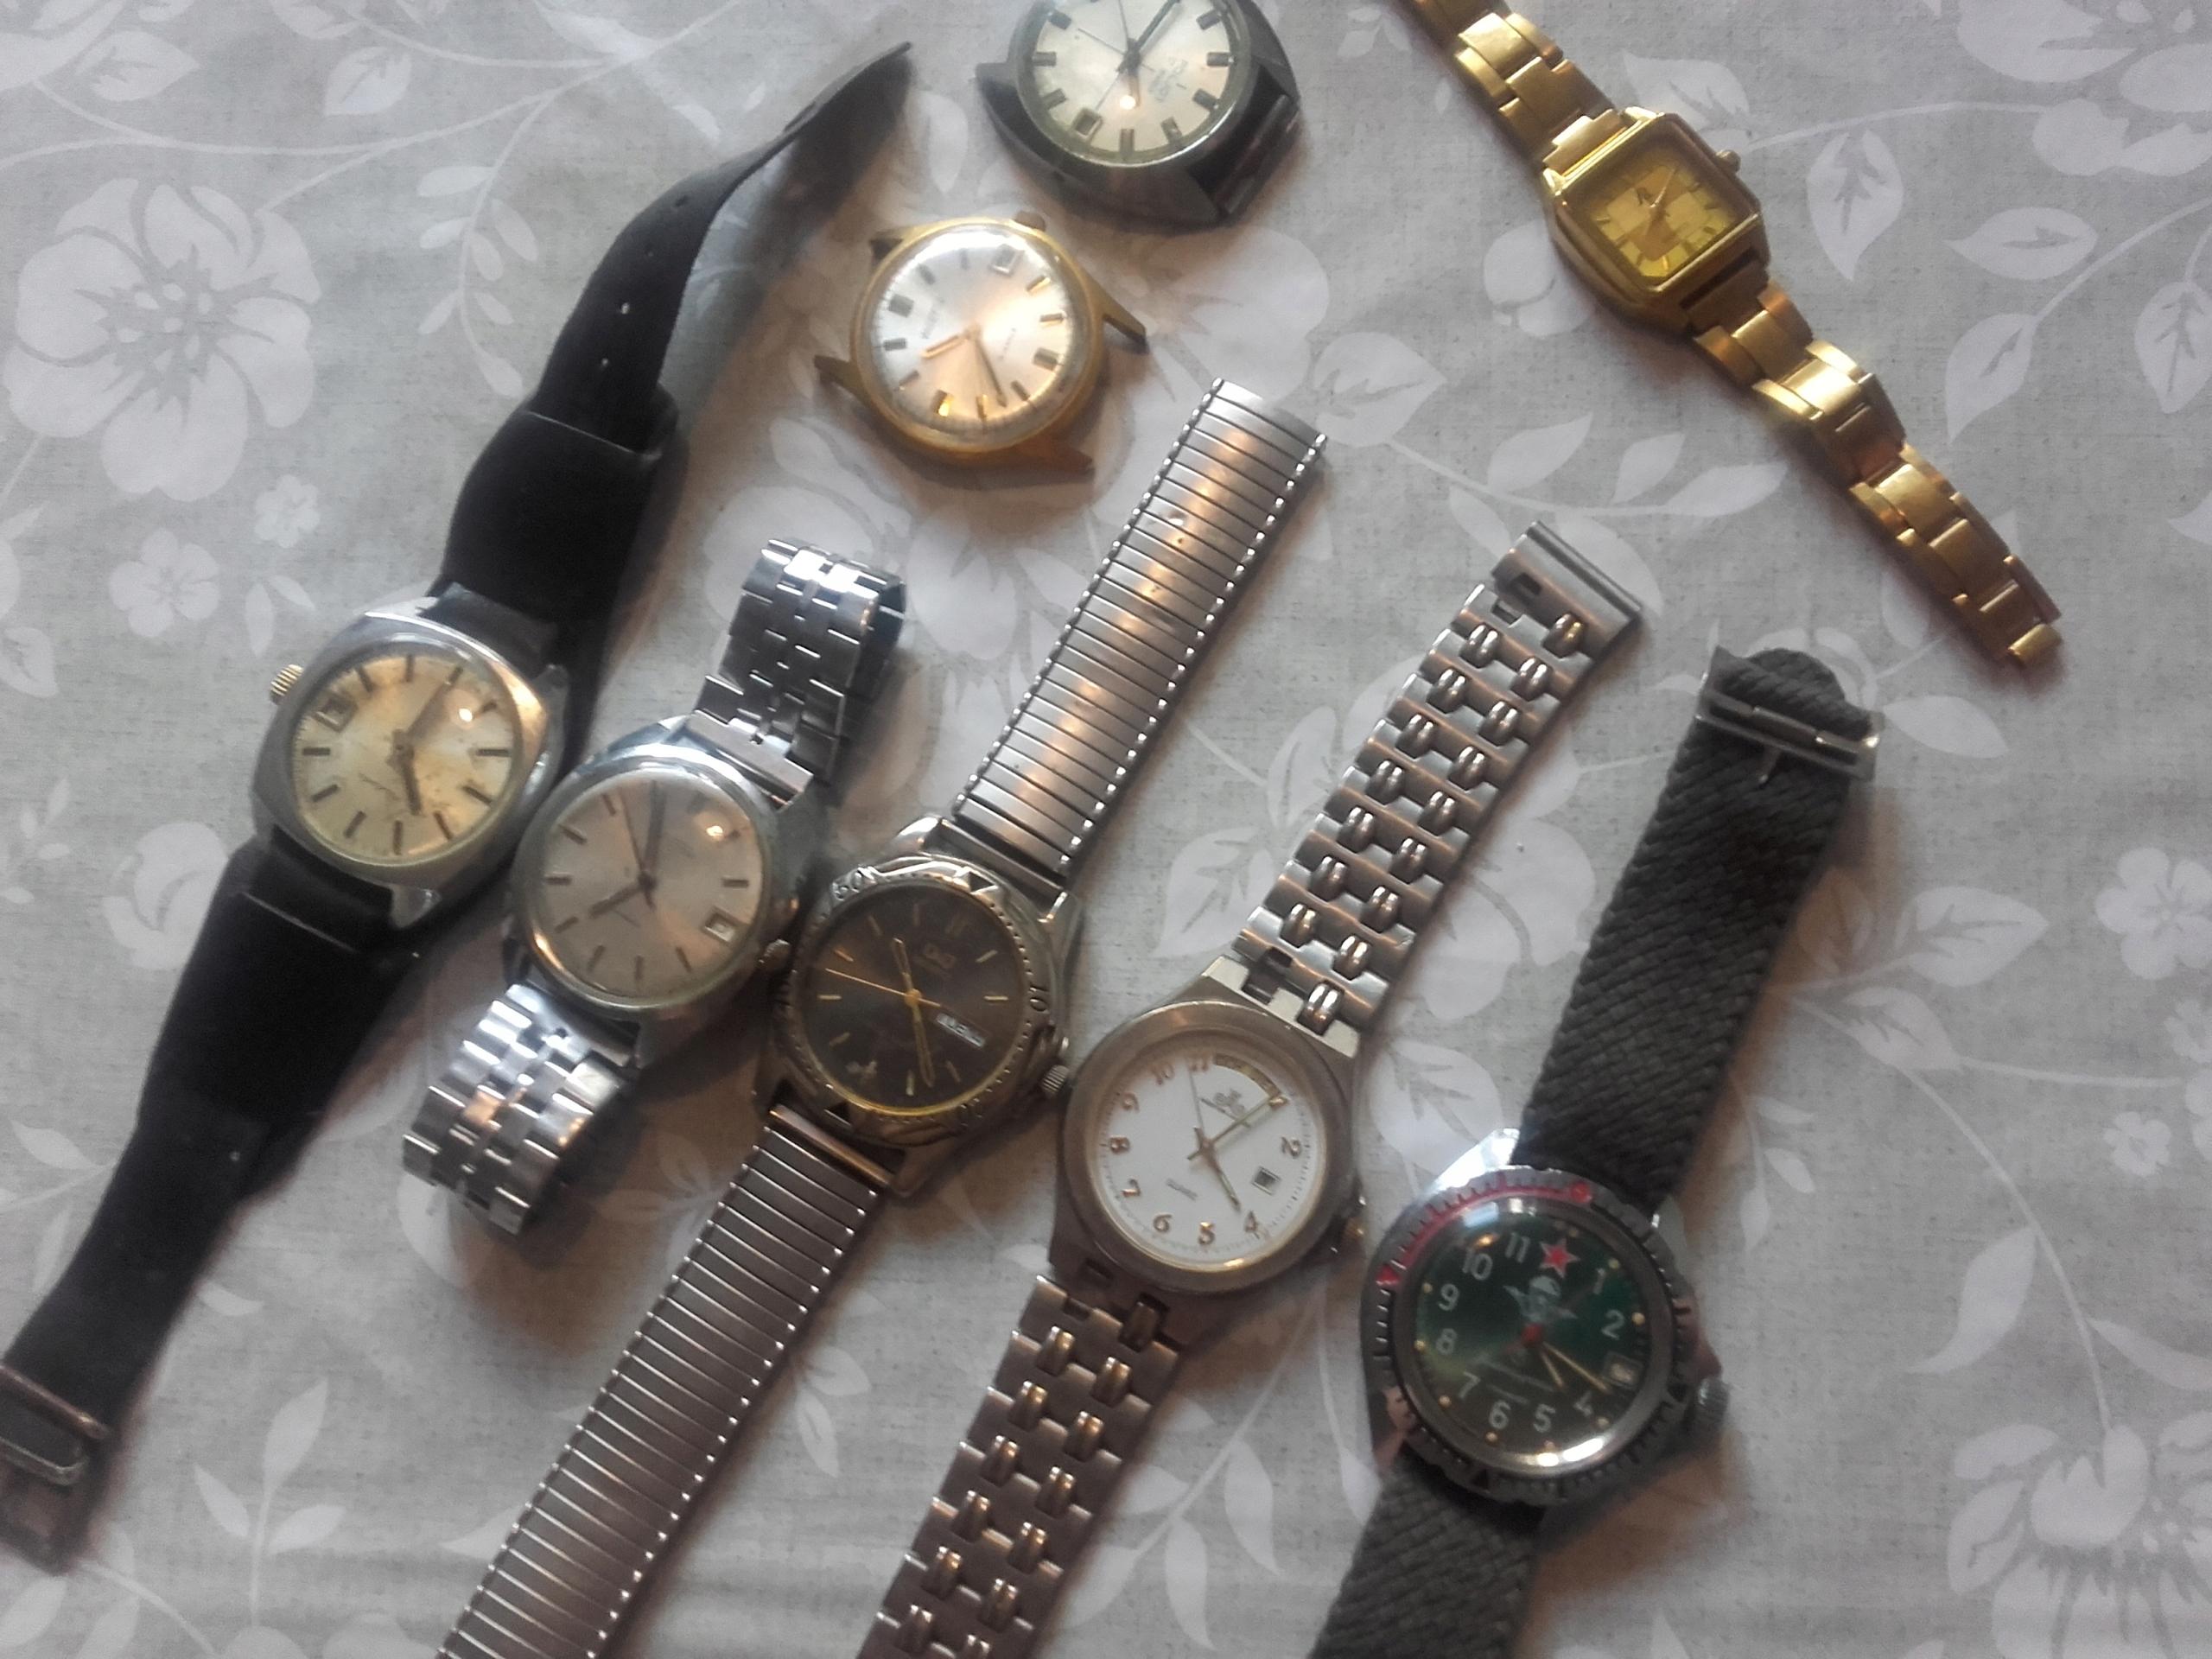 Okazja stare zegarki rakieta Vostokokazja